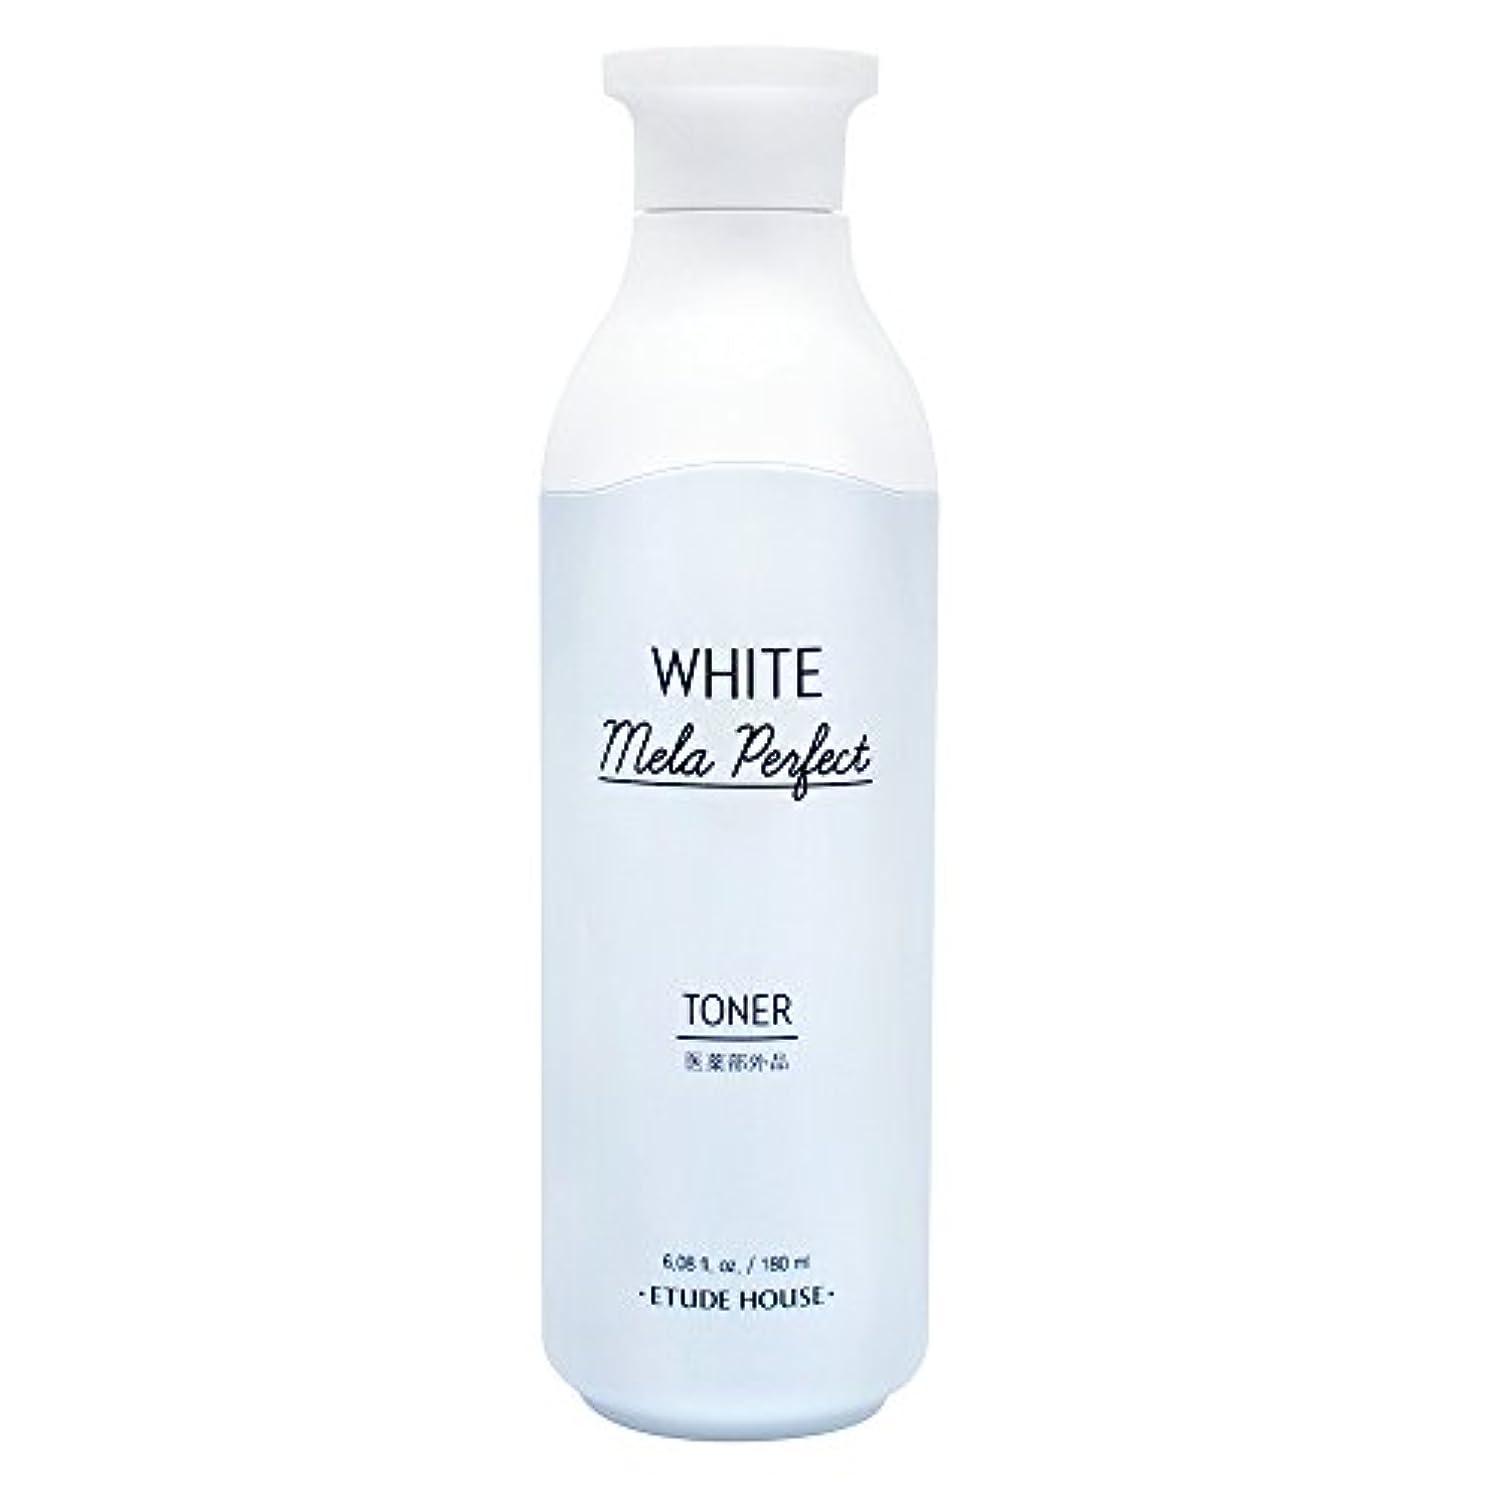 発疹累計振動させるエチュードハウス(ETUDE HOUSE) ホワイトメラパーフェクト トナー[化粧水、美白化粧水]